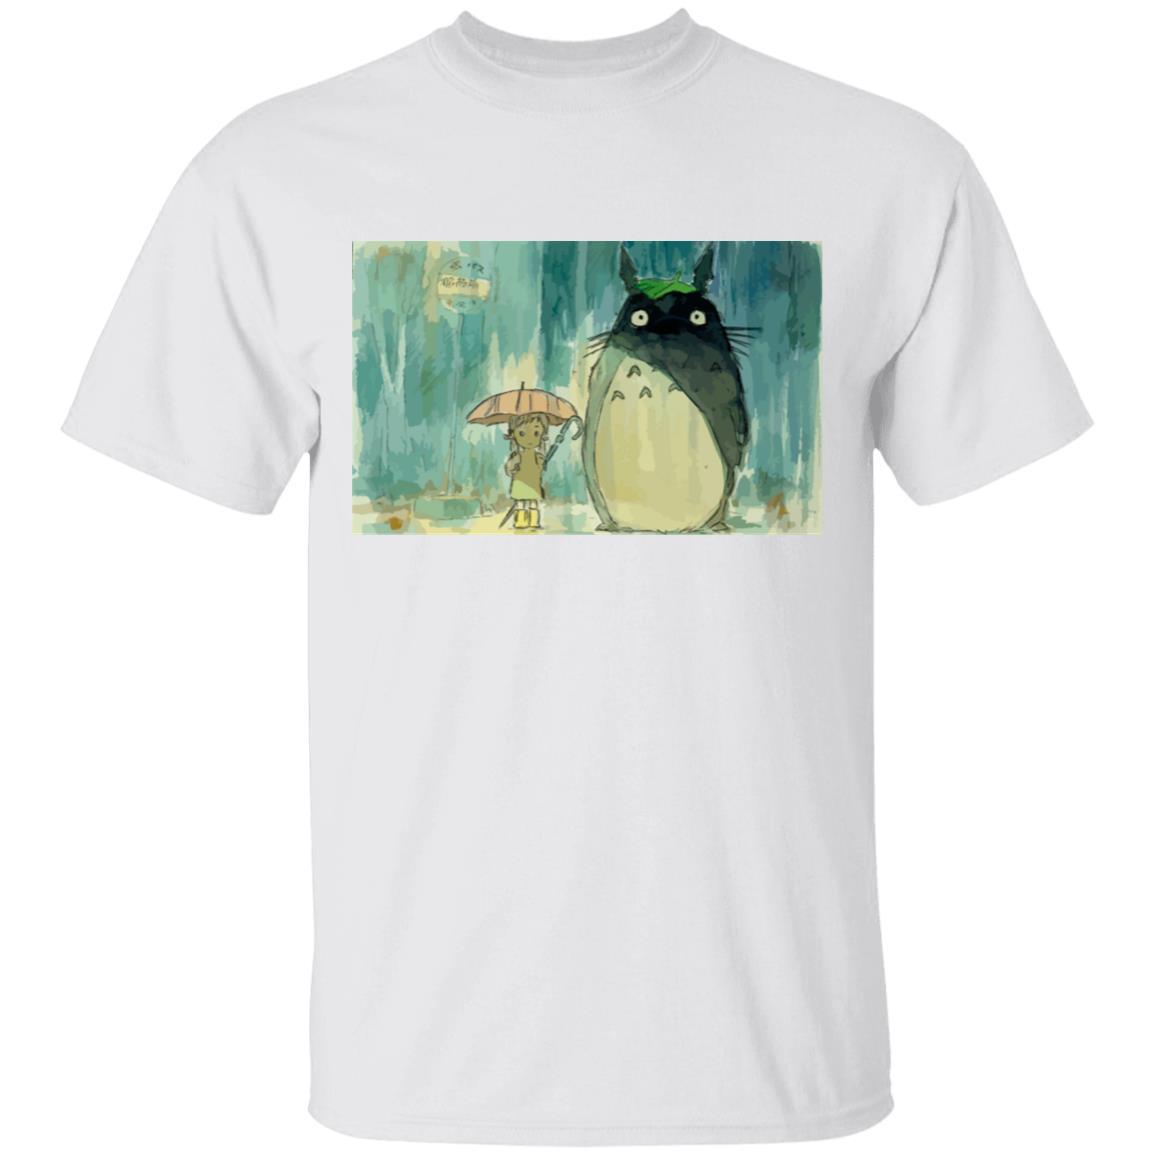 My Neighbor Totoro Original Poster T Shirt Unisex